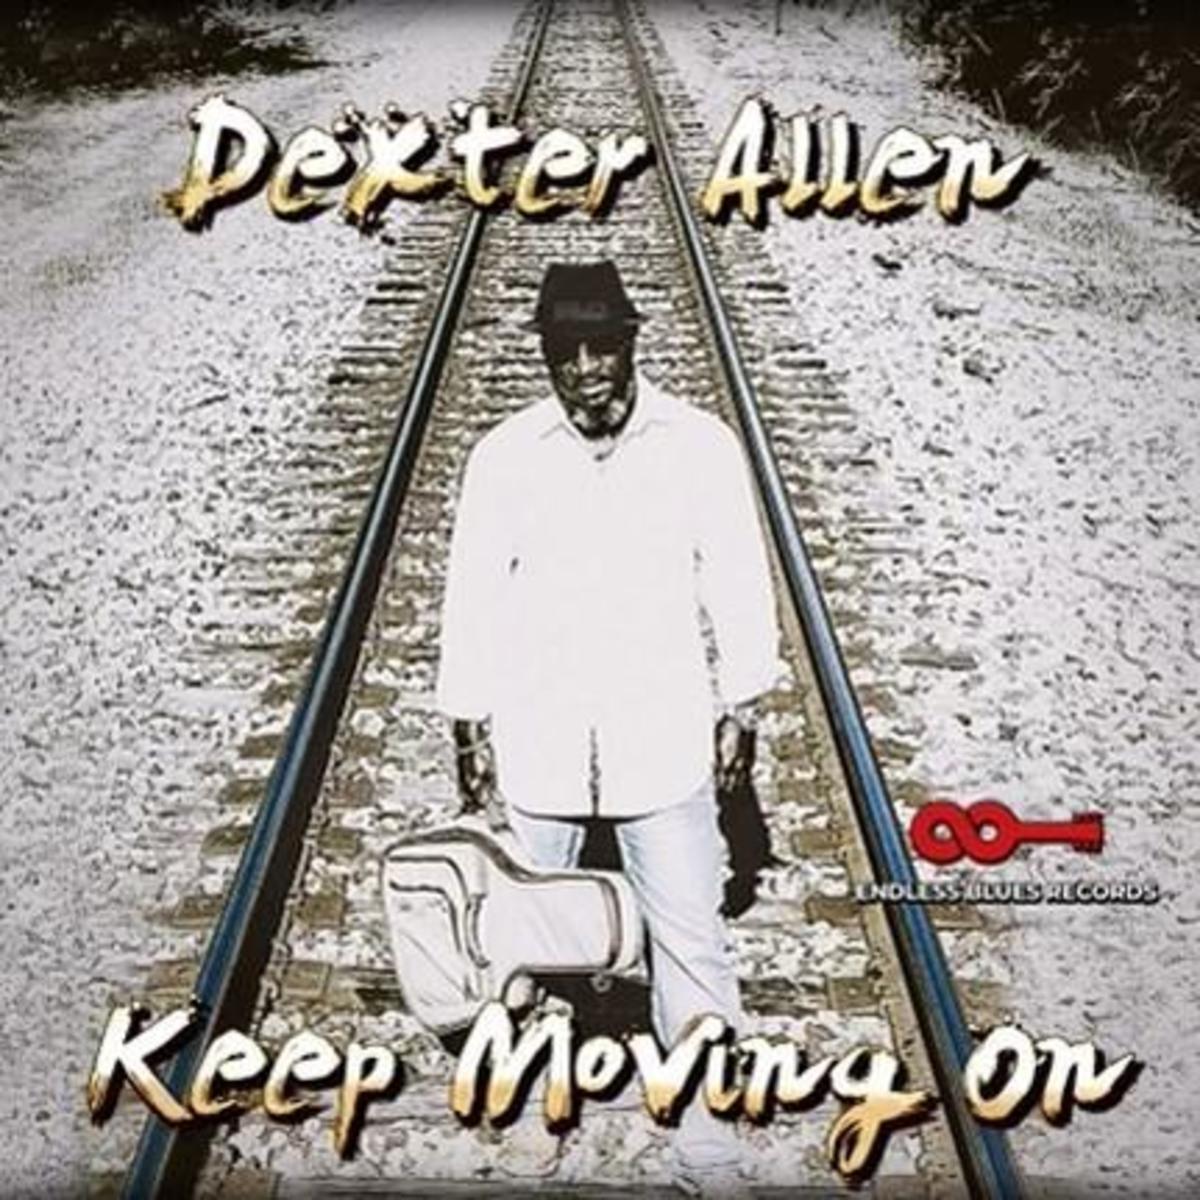 Dexter Allen